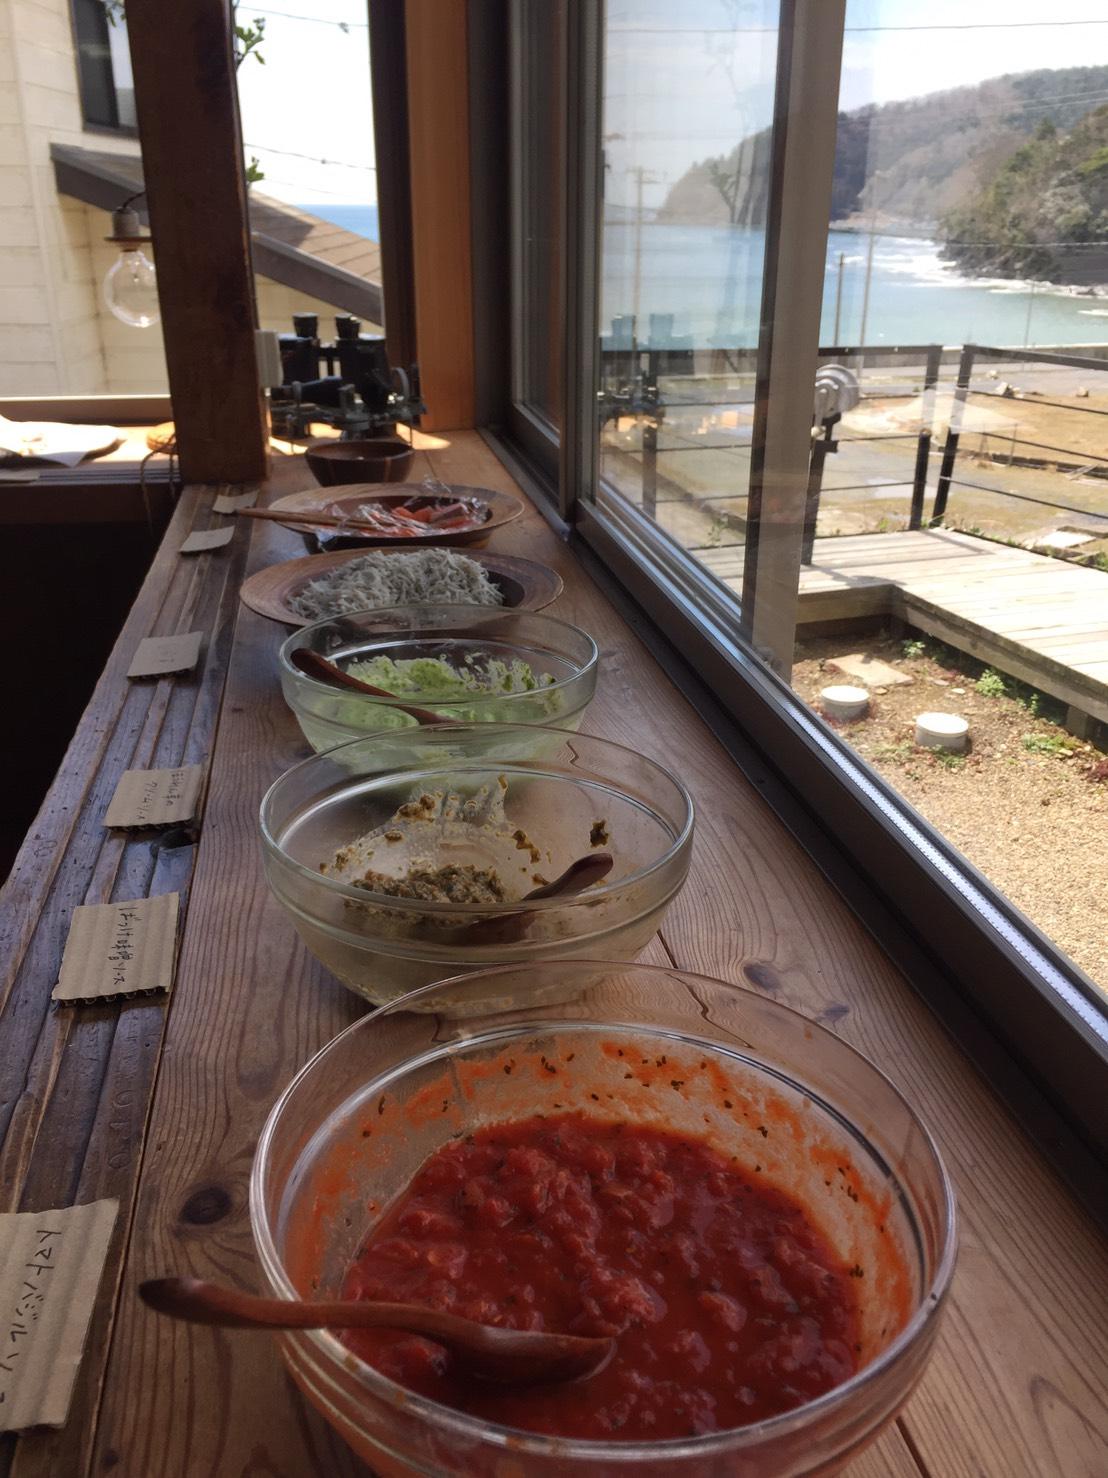 ピザのソースは三種類、「ばっけ(ふきのとう)味噌ソース」「トマトバジルソース」「ほうれん草のクリームソース」。